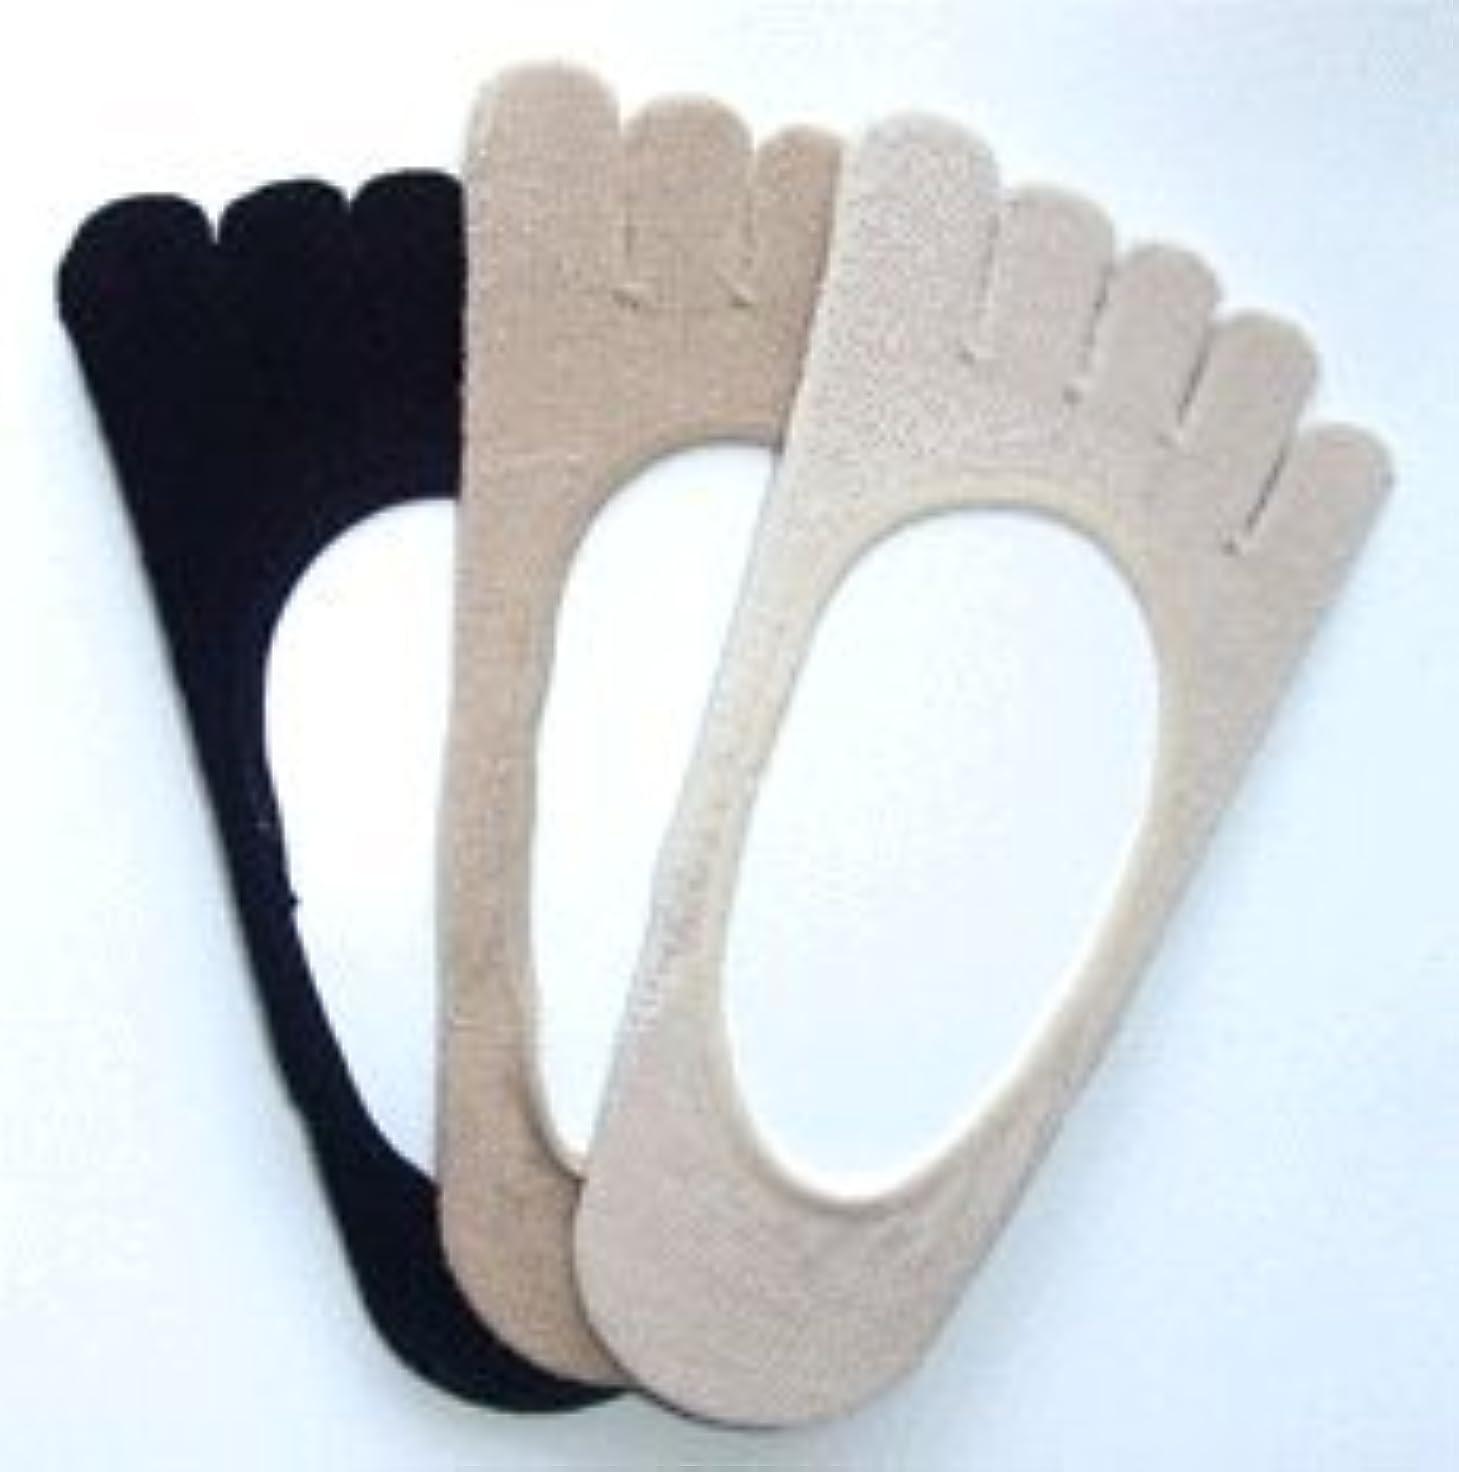 気怠い専門知識こどもの宮殿日本製 シルク五本指 フットカバー パンプスインソックス 3足組(ベージュ系2足、黒色1足)